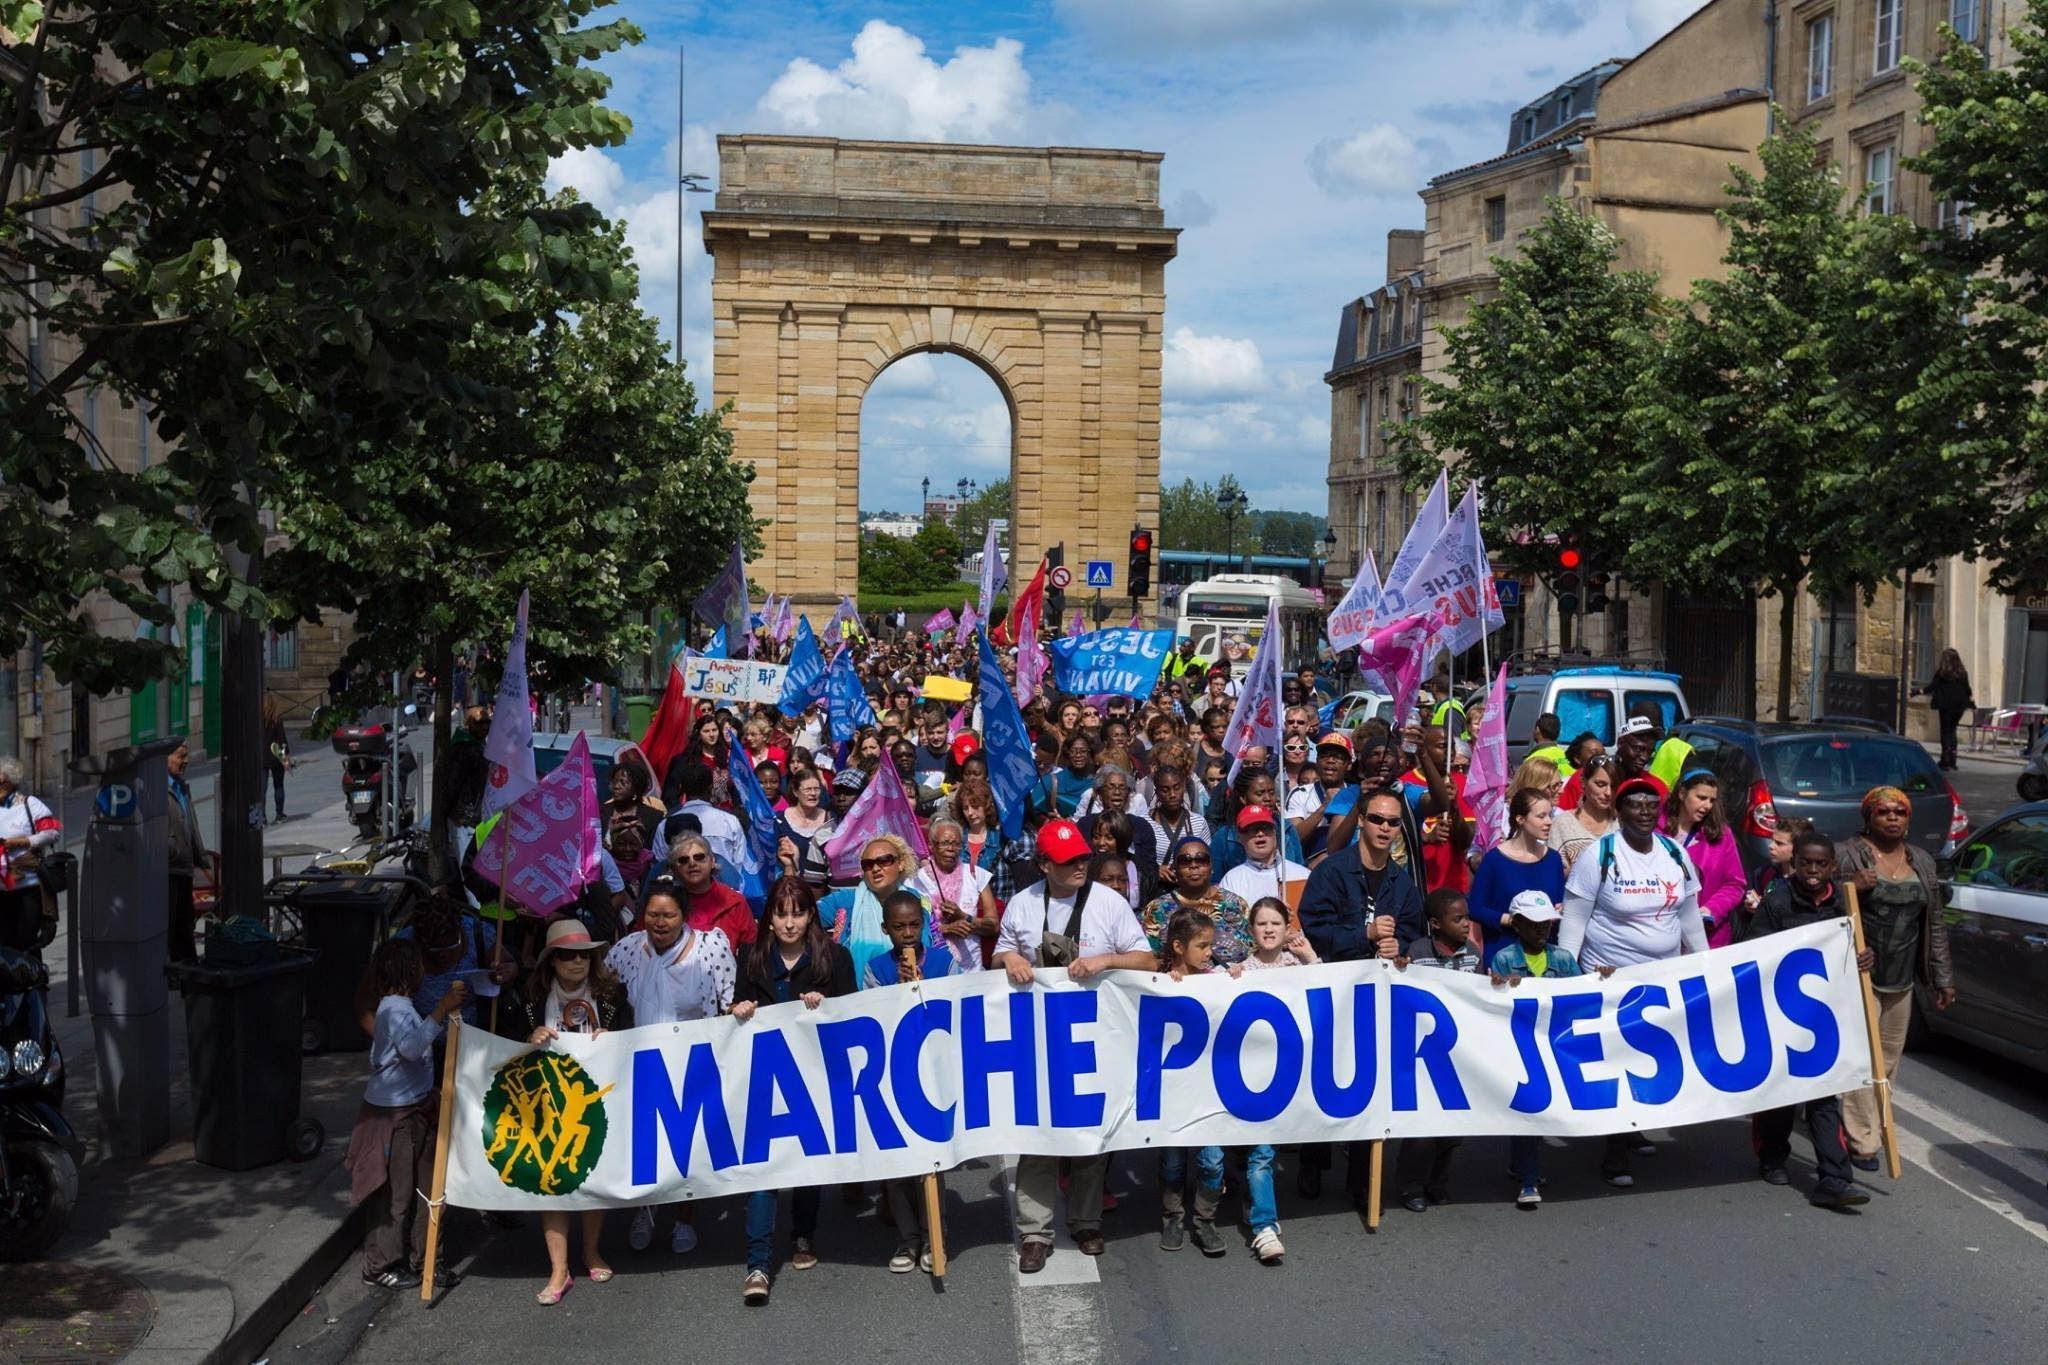 marche-jesus